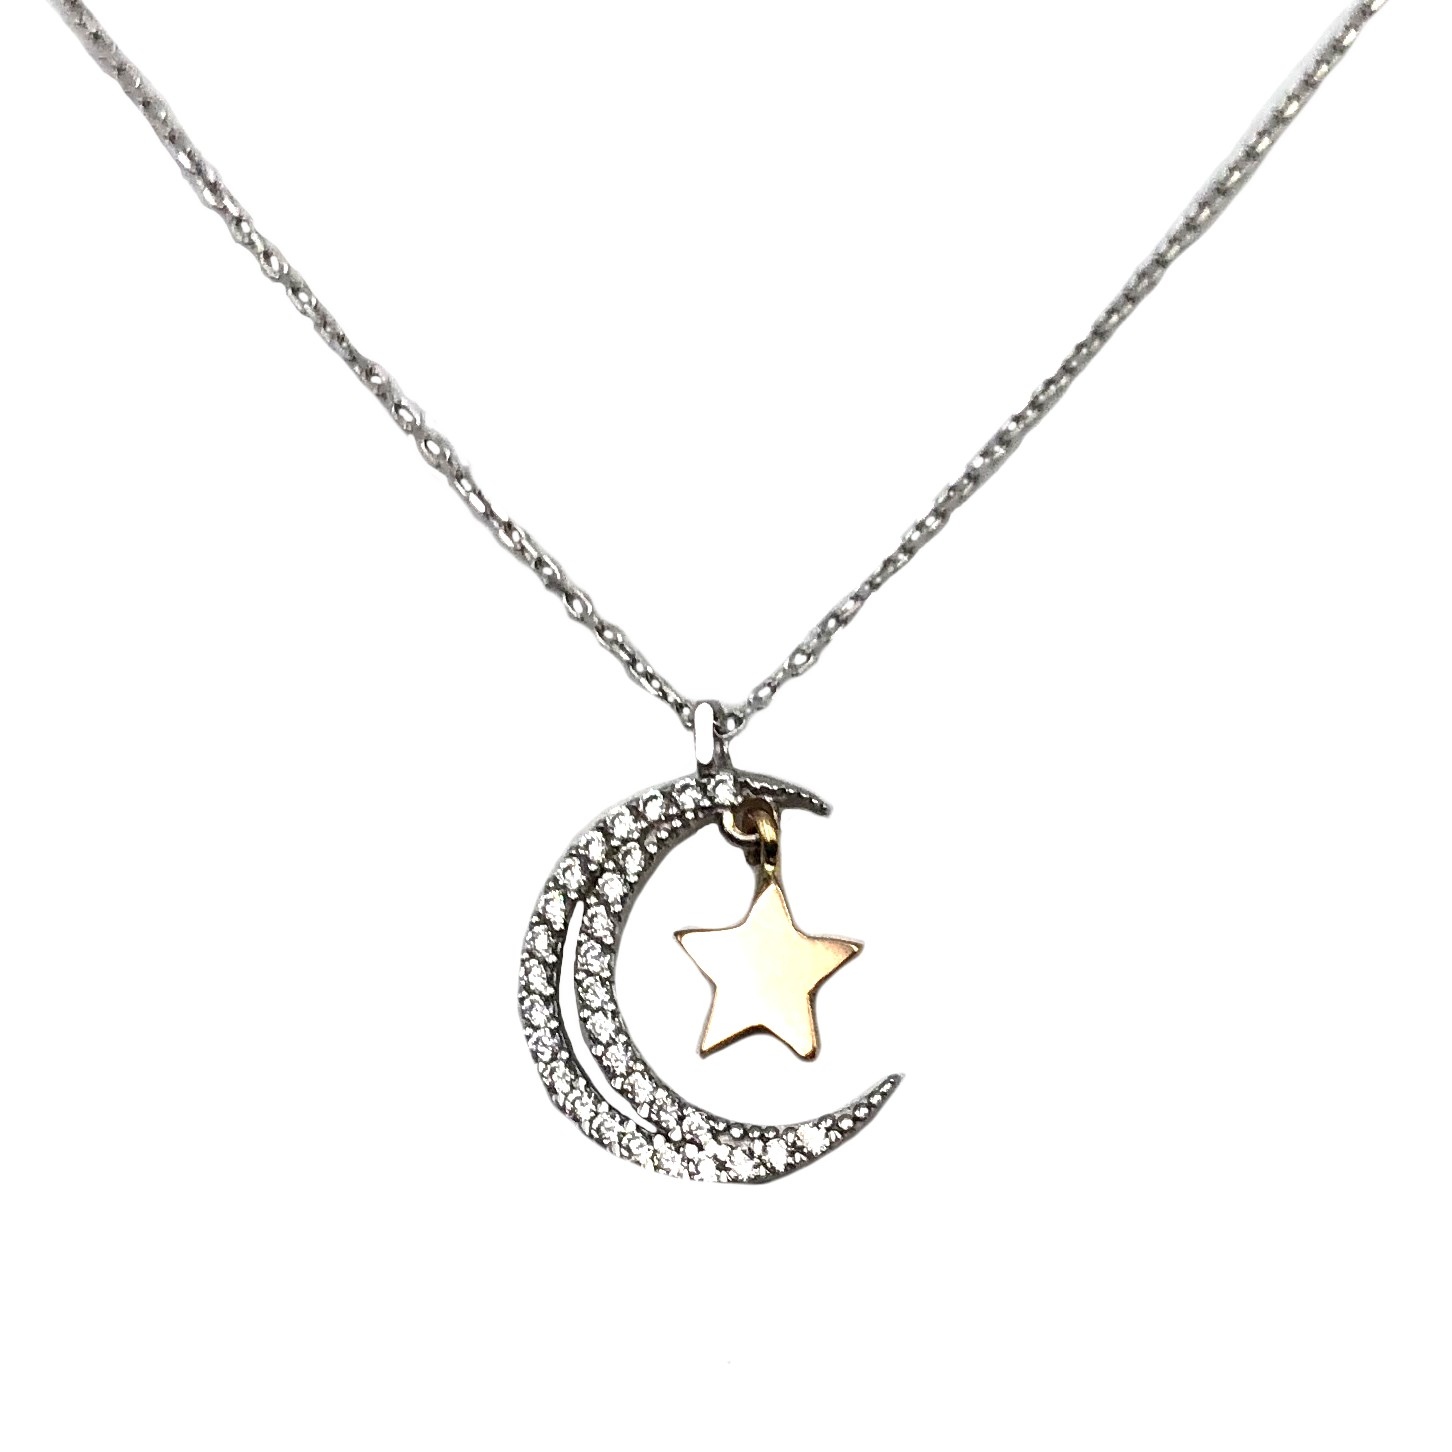 c056bf4d32bd gargantilla de oro blanco luna estrella oro rosa joyería juan luis larráyoz  pamplona